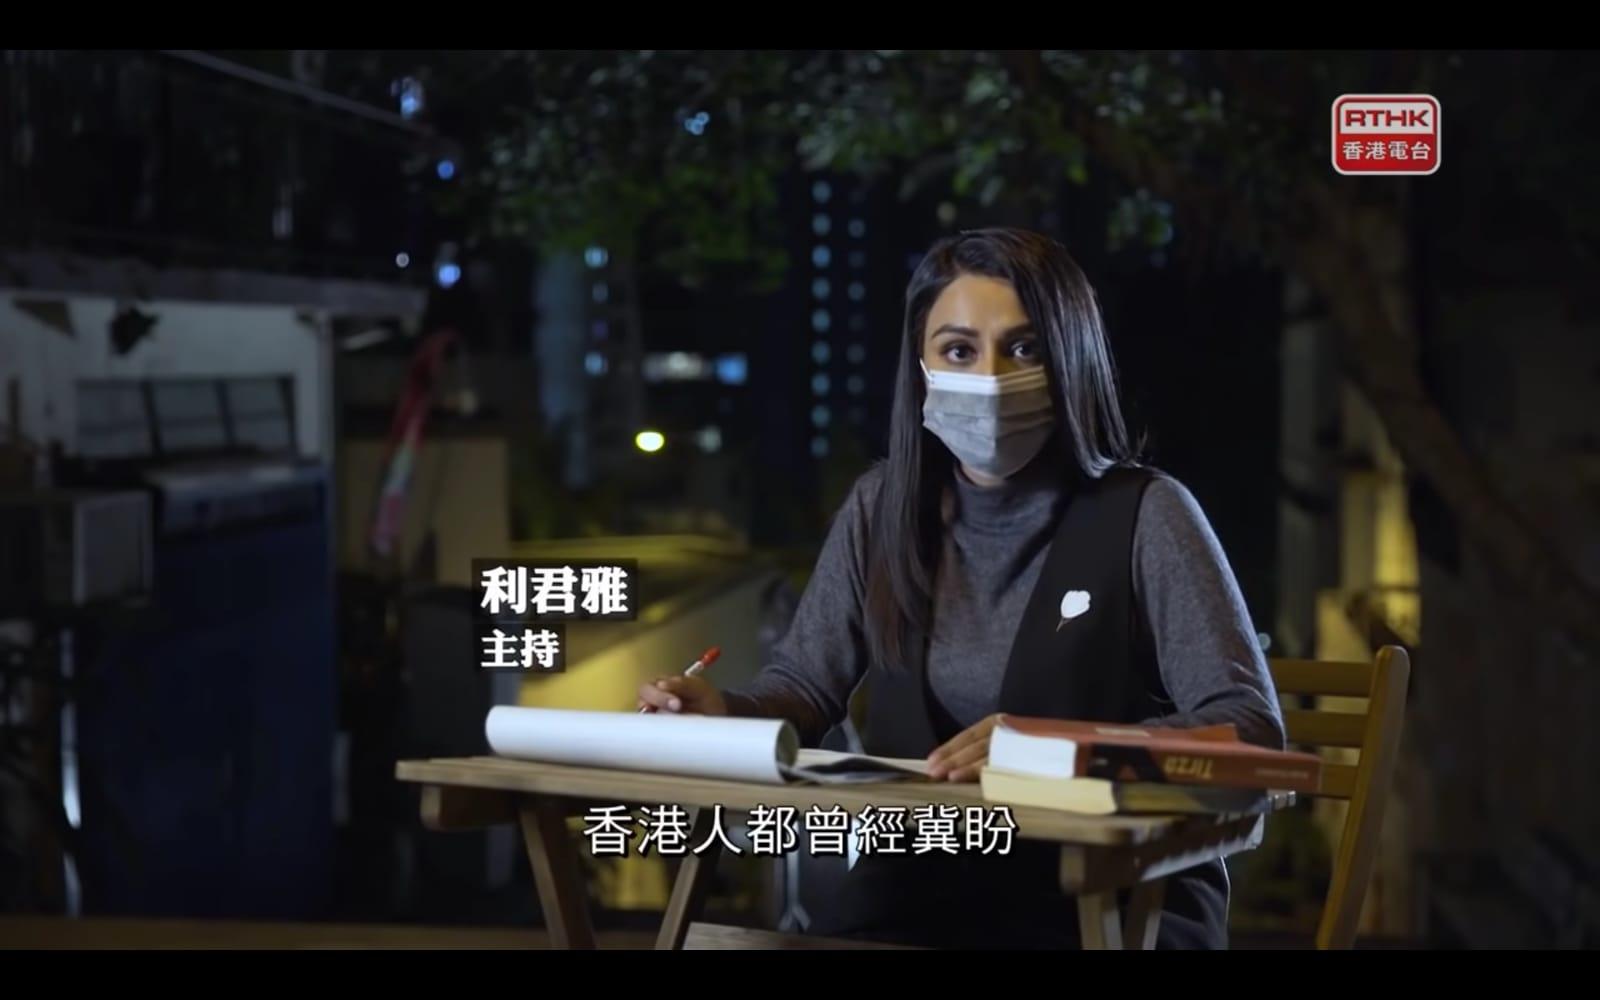 香港電台助理節目主任、《視點31》主持人利君雅,早前主持港台節目《2020香港政情大事回顧》,獲網民稱讚深具代表性。(香港電台 YouTube 截圖)